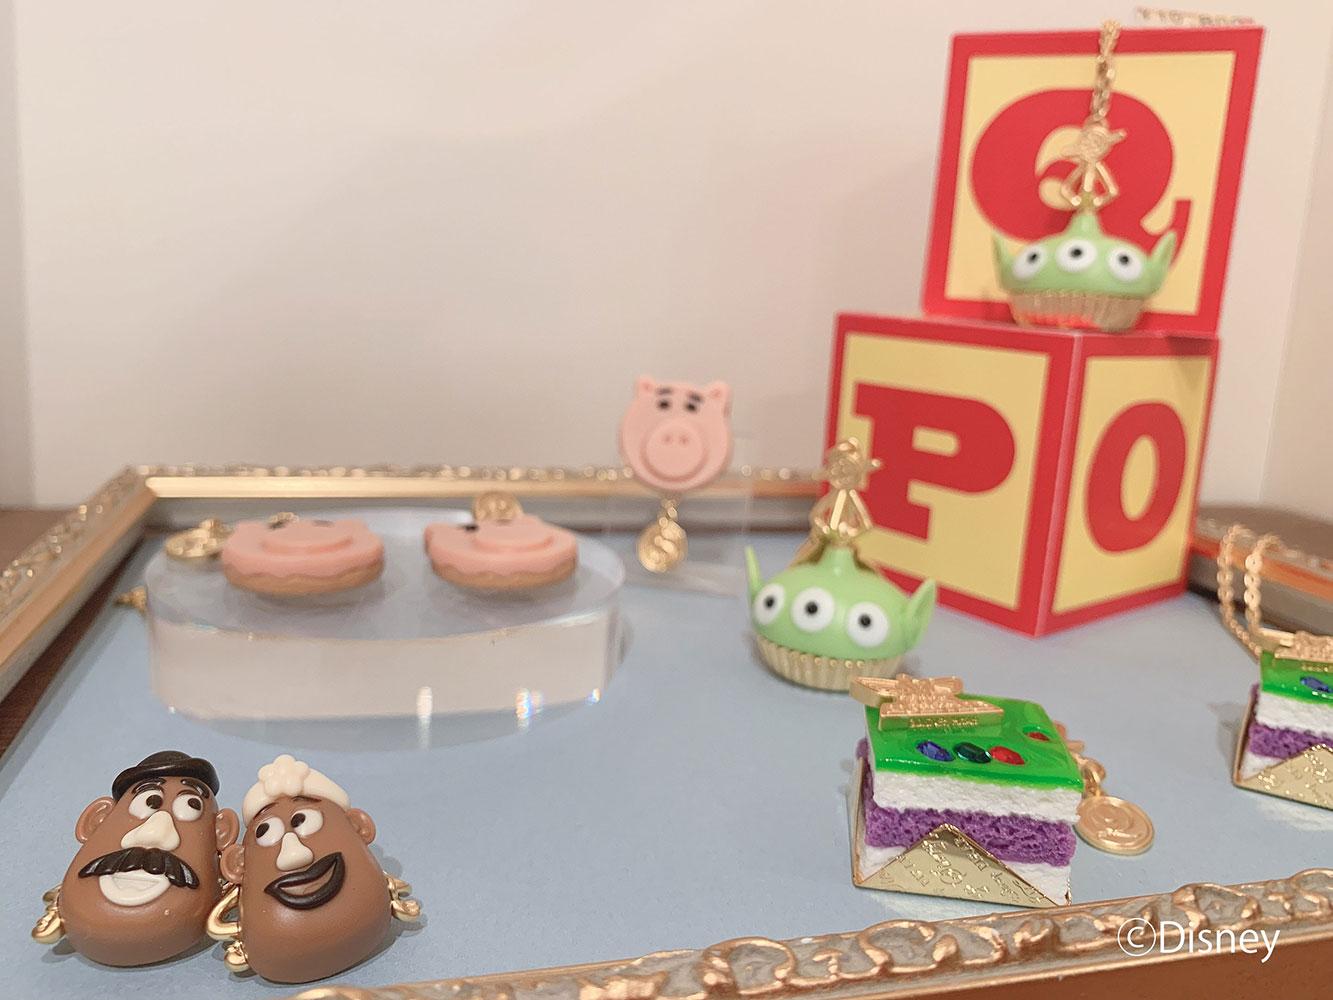 スイーツモチーフが可愛いと SNS でも人気♪アクセサリーブランド Q-pot の展示会レポート♡